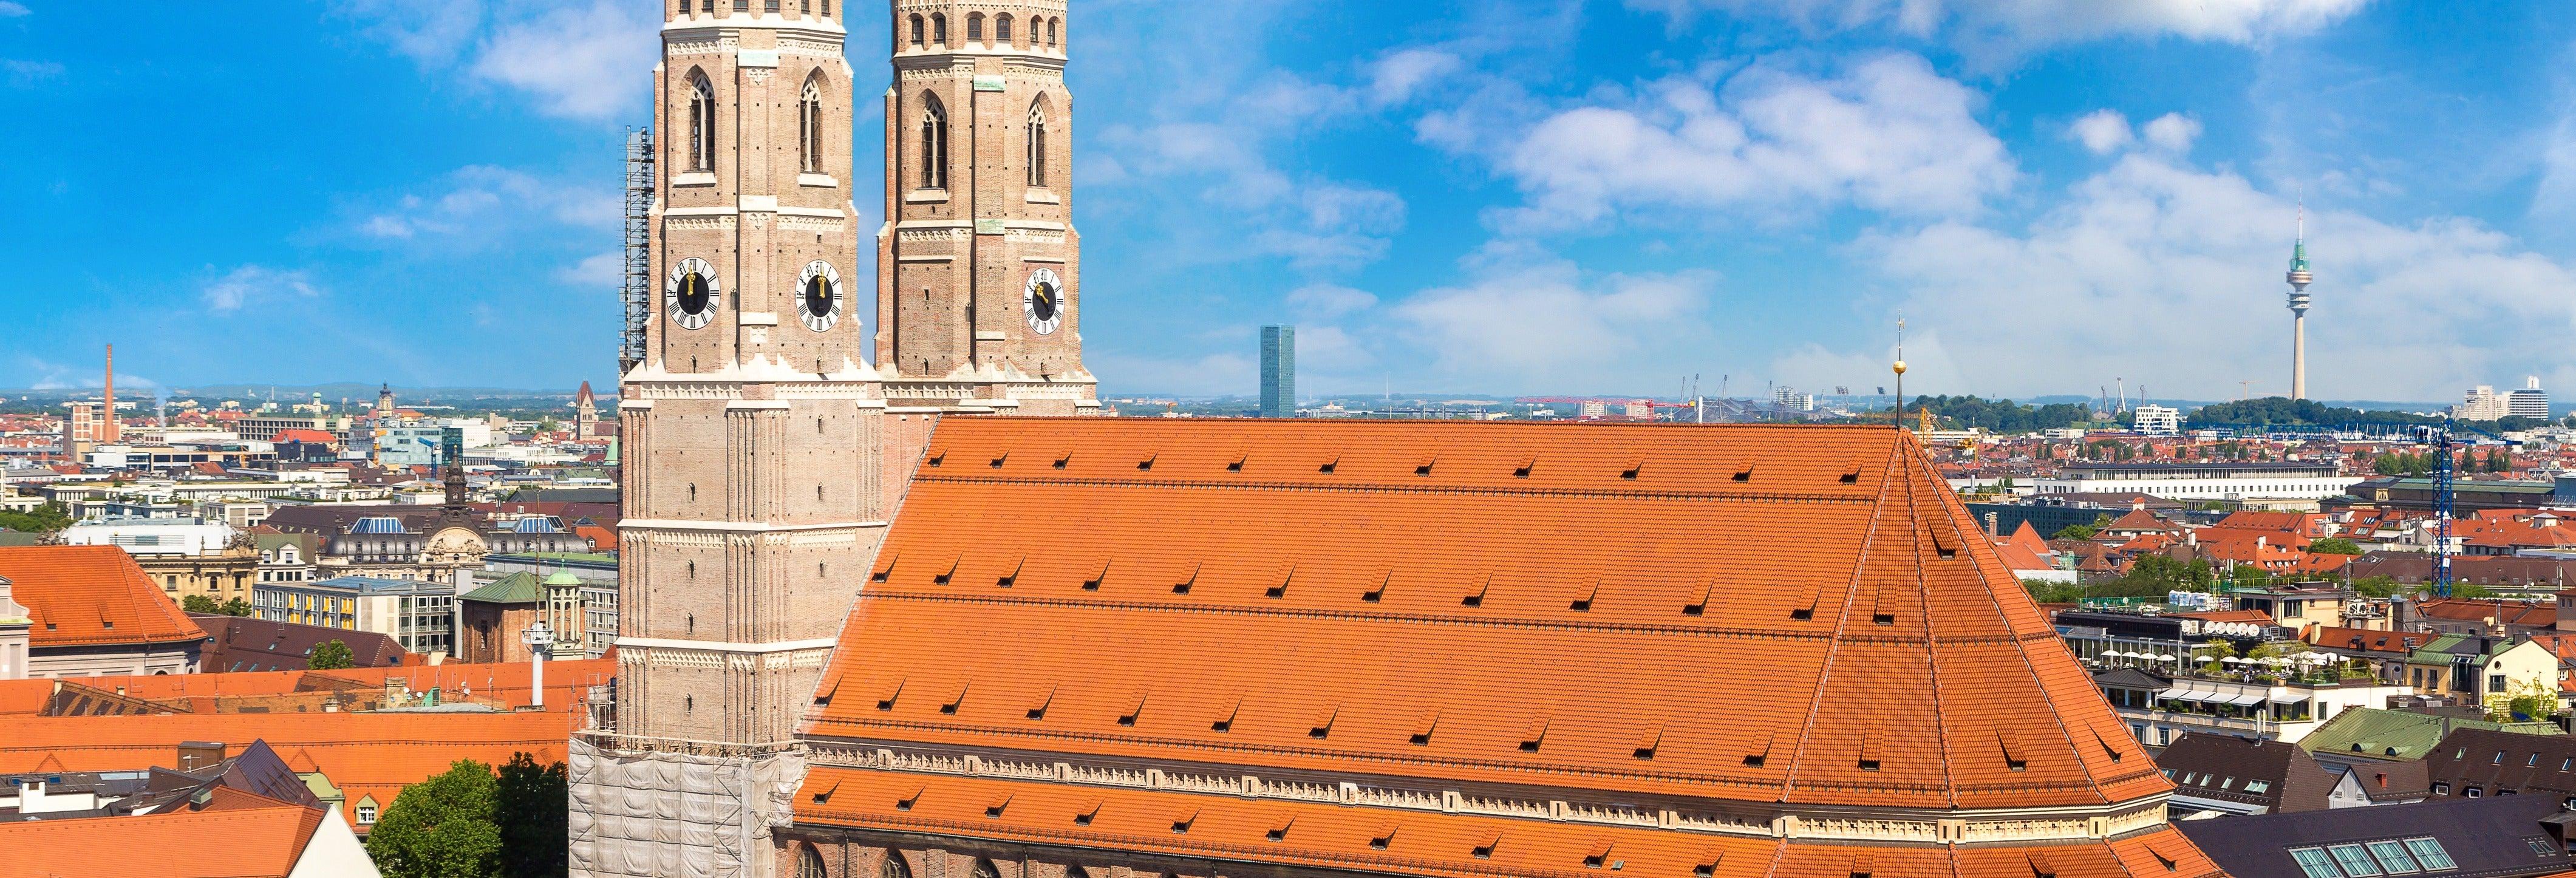 Tour privado por Múnich con guía en español